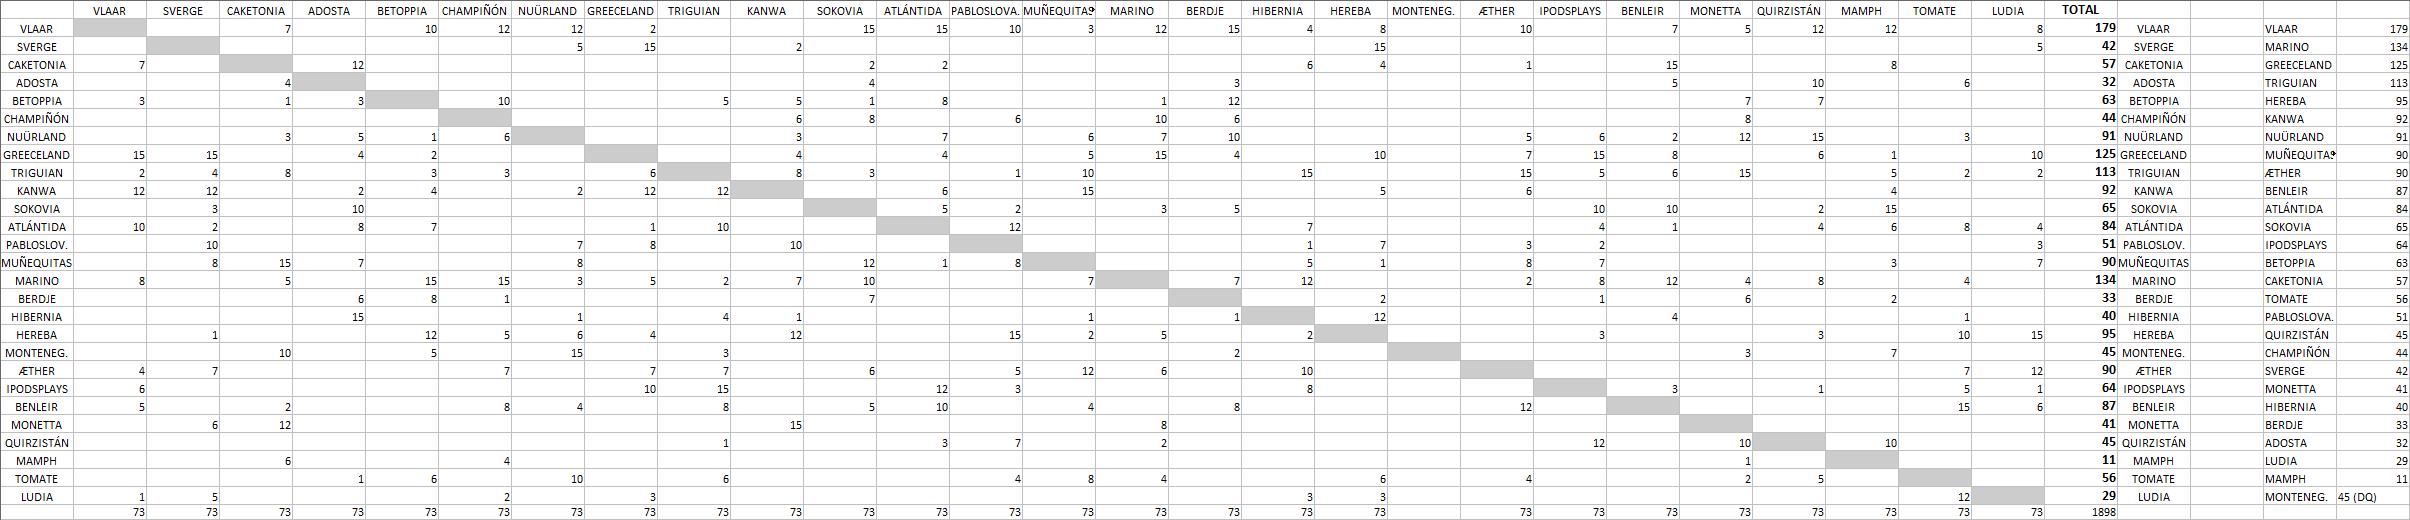 [RESULTADOS] EUROCOUNTRY 67 · Gala de clausura - Página 3 Recuento-Excel